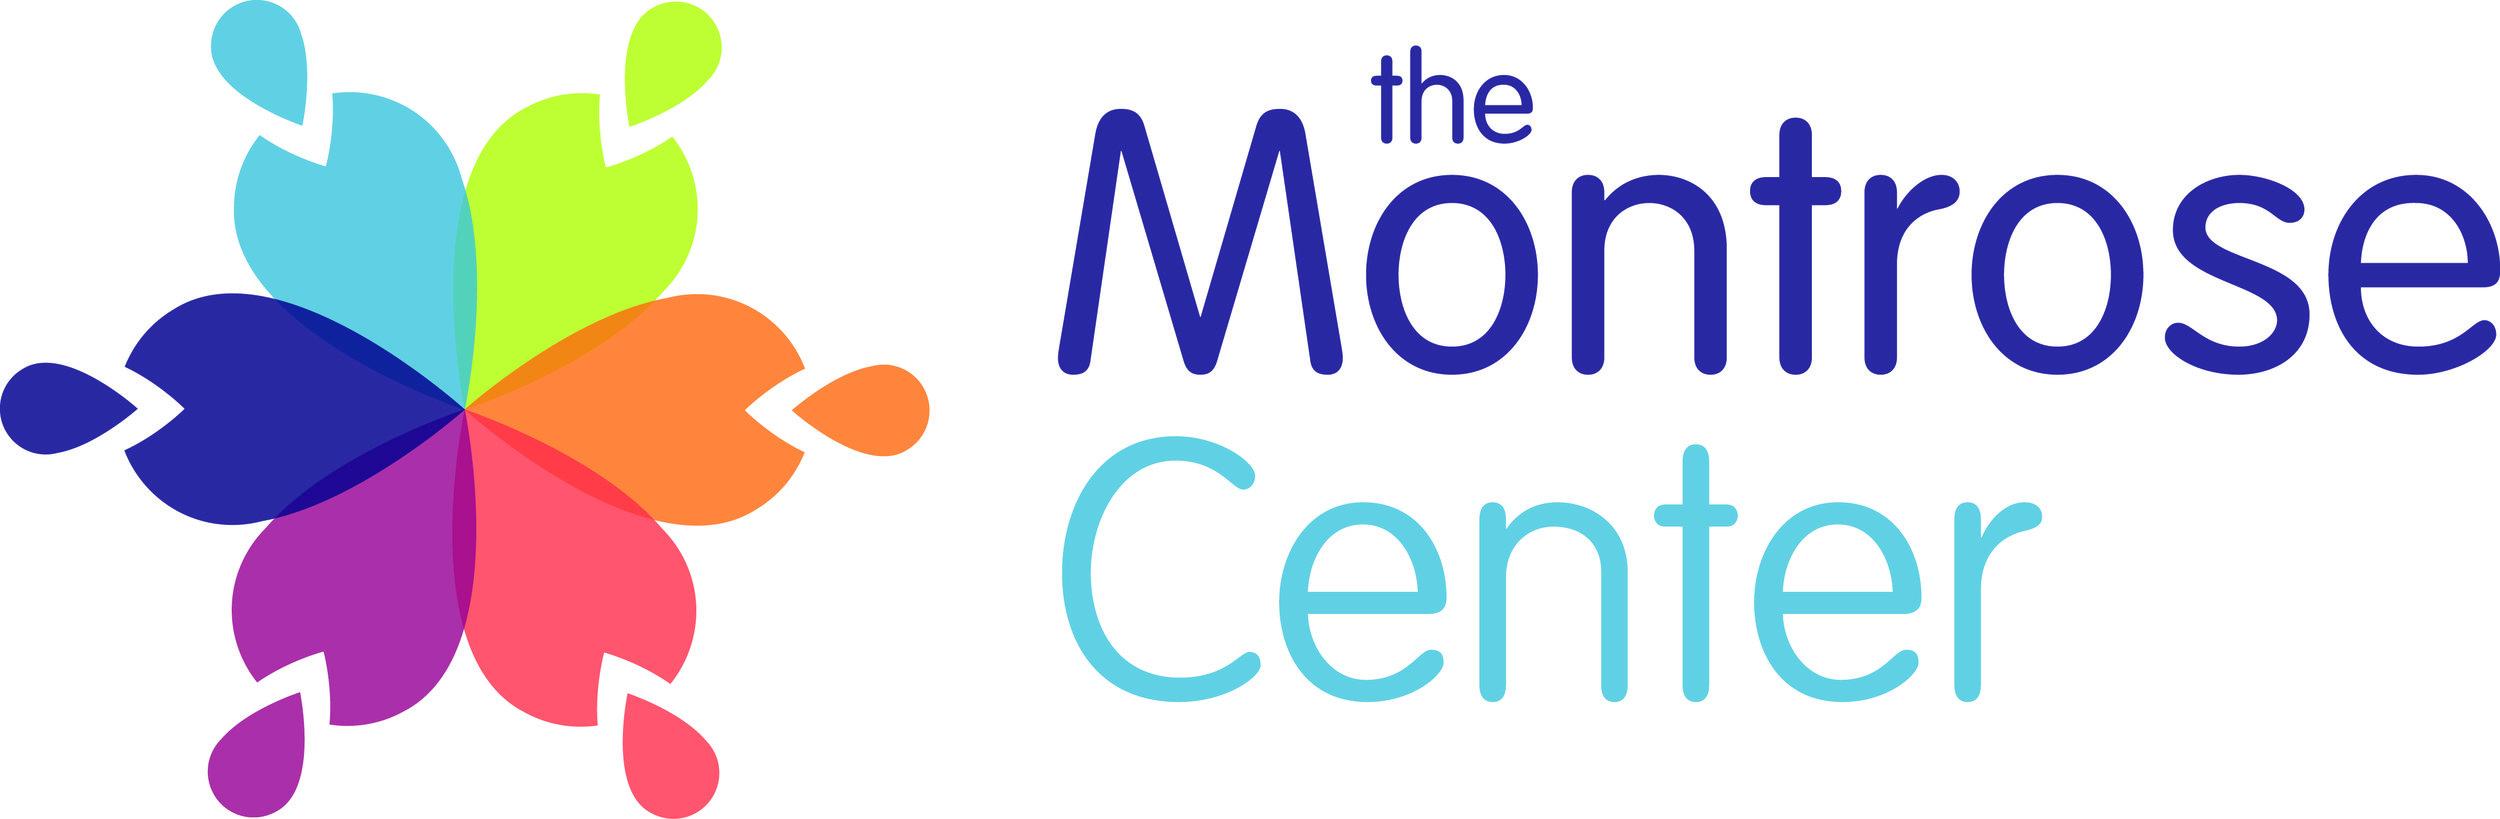 montrose center.jpg